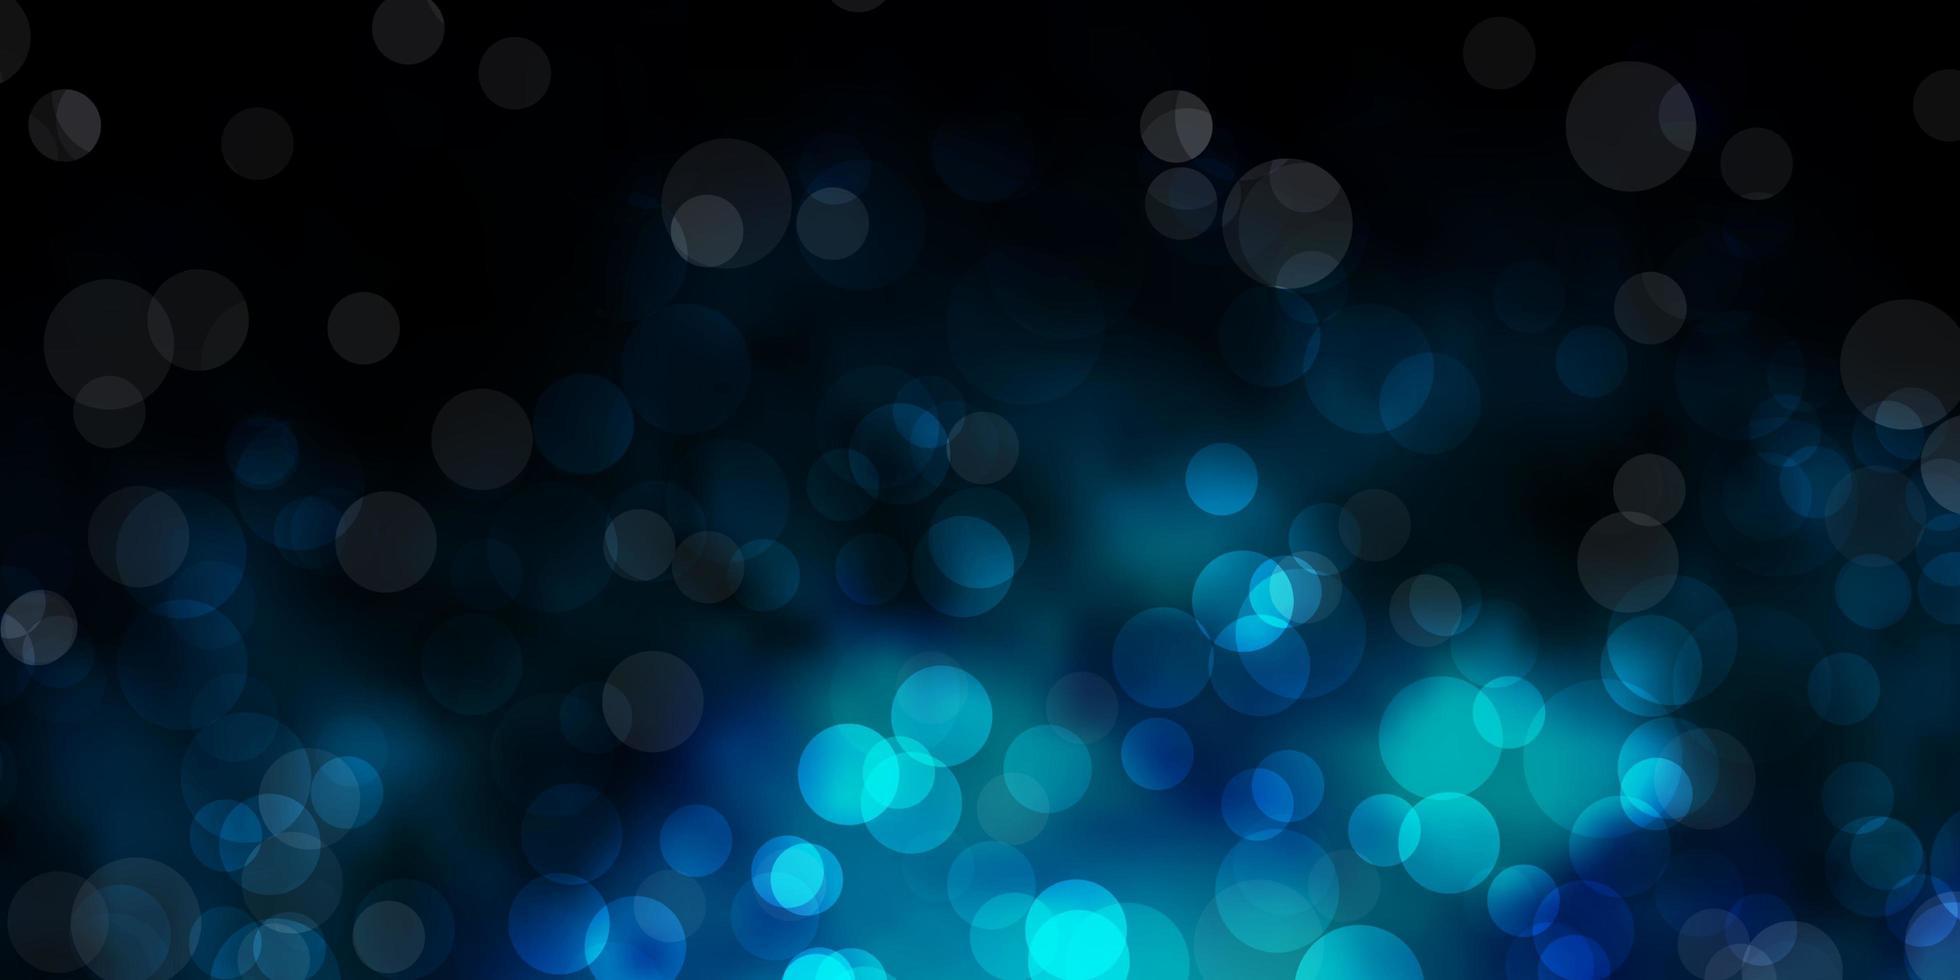 textura vector azul escuro com discos.